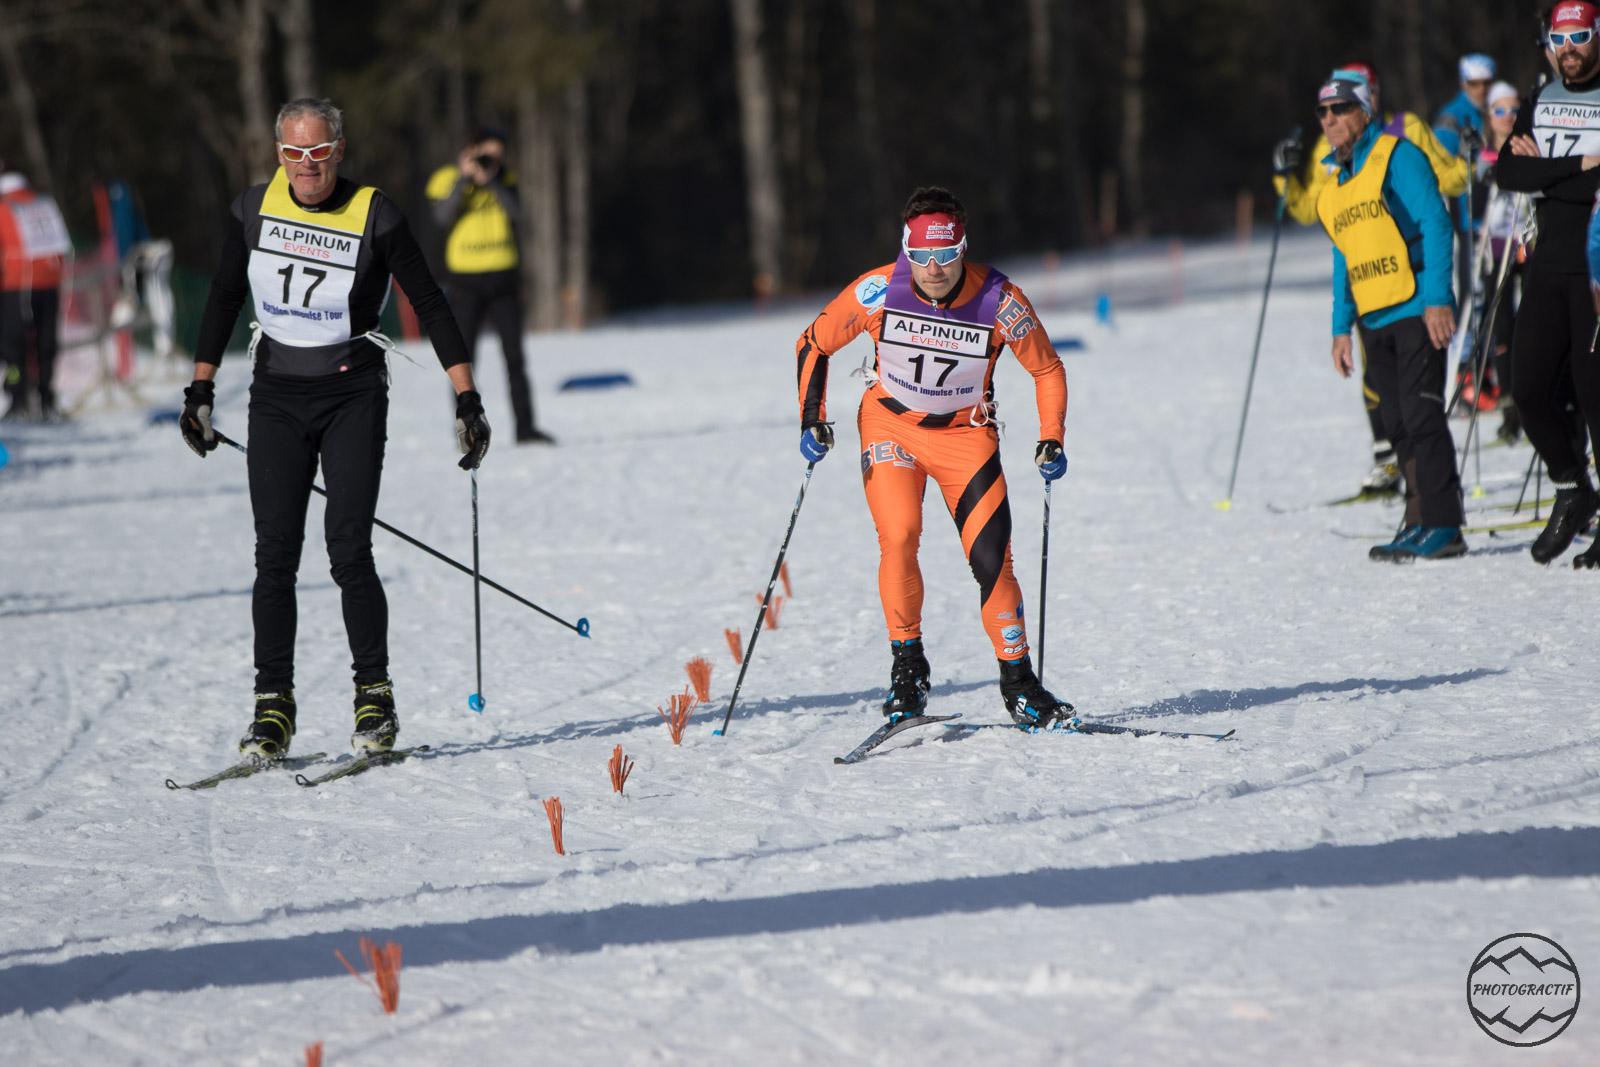 Biathlon Alpinum Les Contamines 2019 (77)